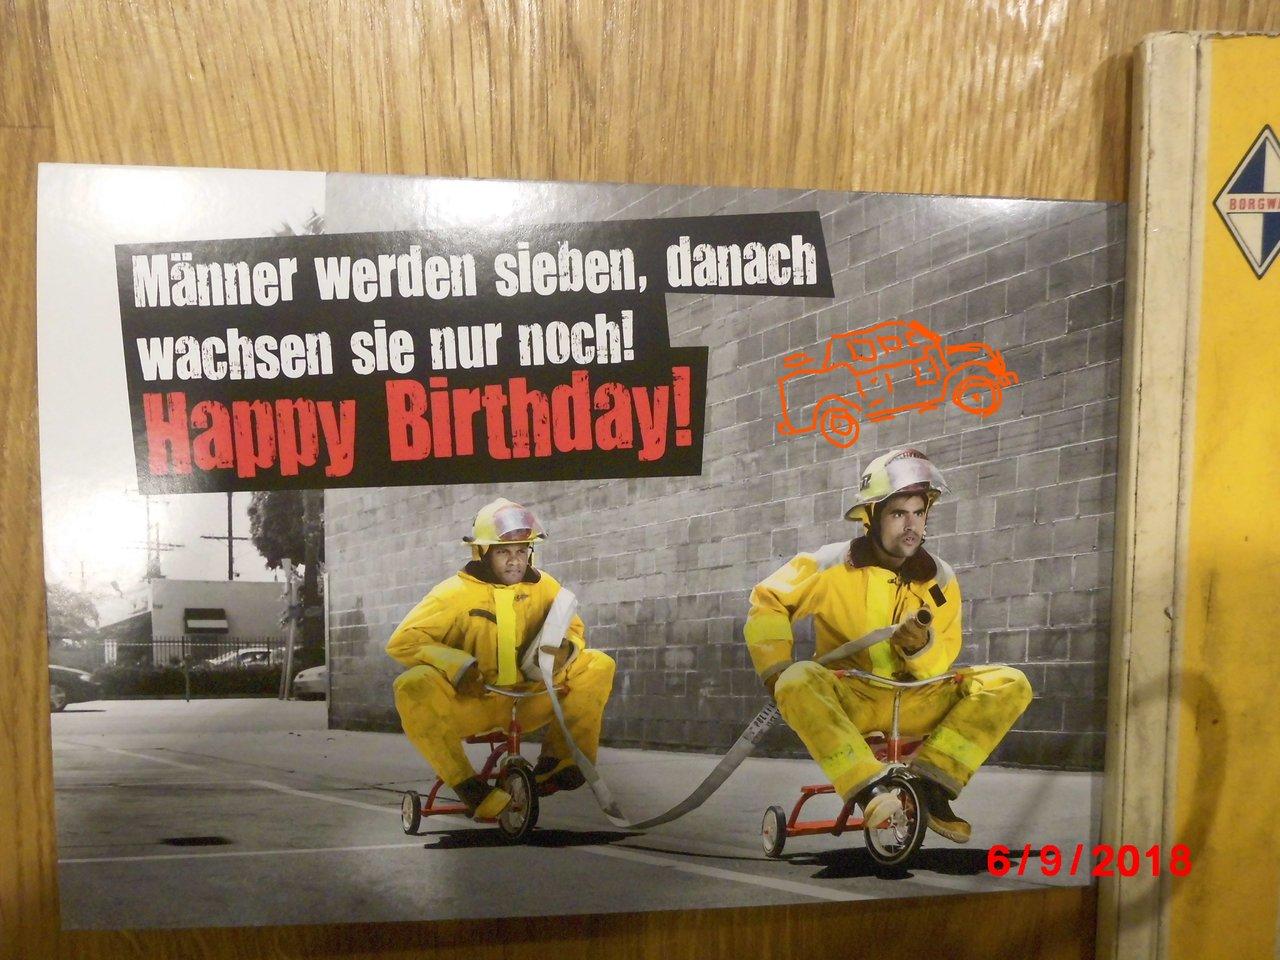 Borgward Reifen Was Ist Eure Meinung Seite 3 Borgwardforum